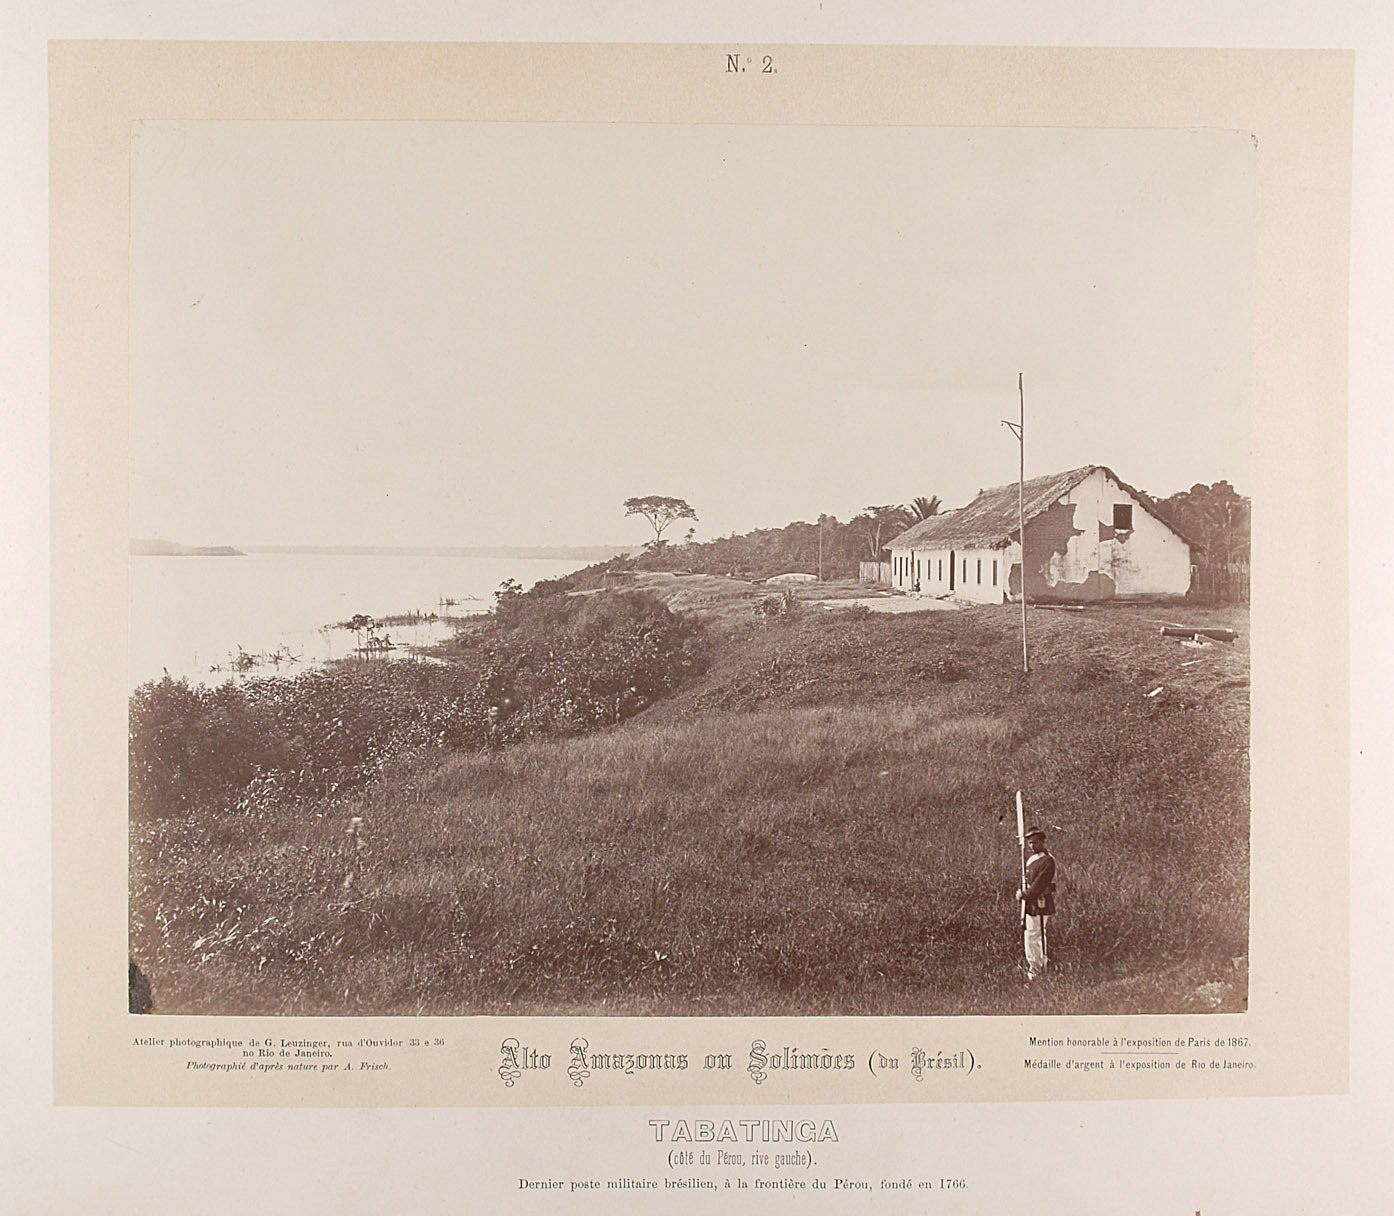 Tabatinga (coté du Pérou, rive gauche). Dernier poste militaire brésilien, à la frontiere du Pérou, fondé en 1766 von Albert Frisch